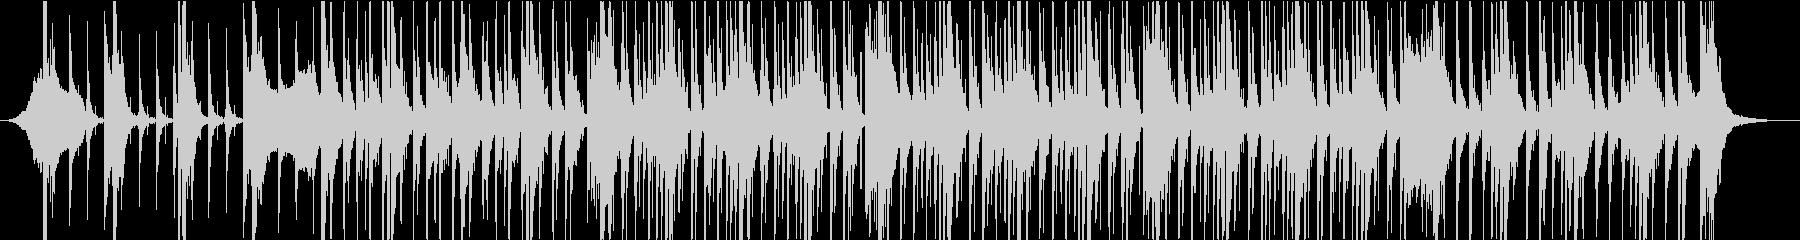 迫力あるパーカッションBGMの未再生の波形